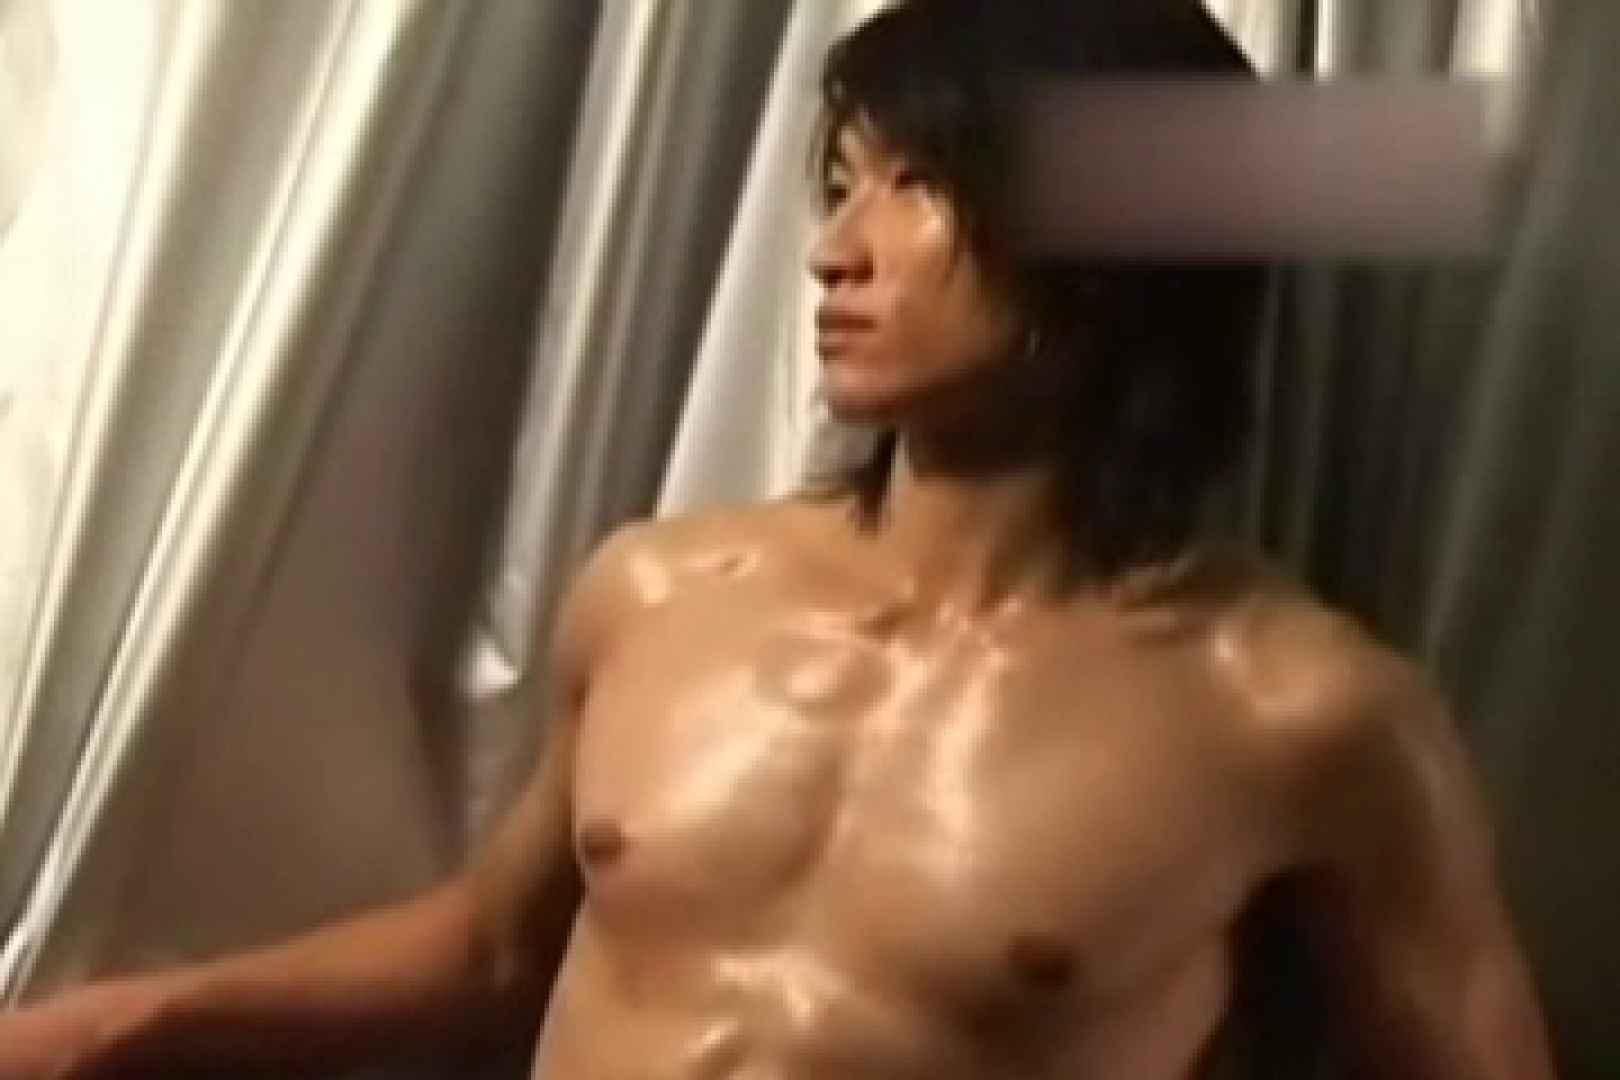 流出!!メンズスーパーモデル達のヌードinChina vol5 イケメン・パラダイス  65画像 64